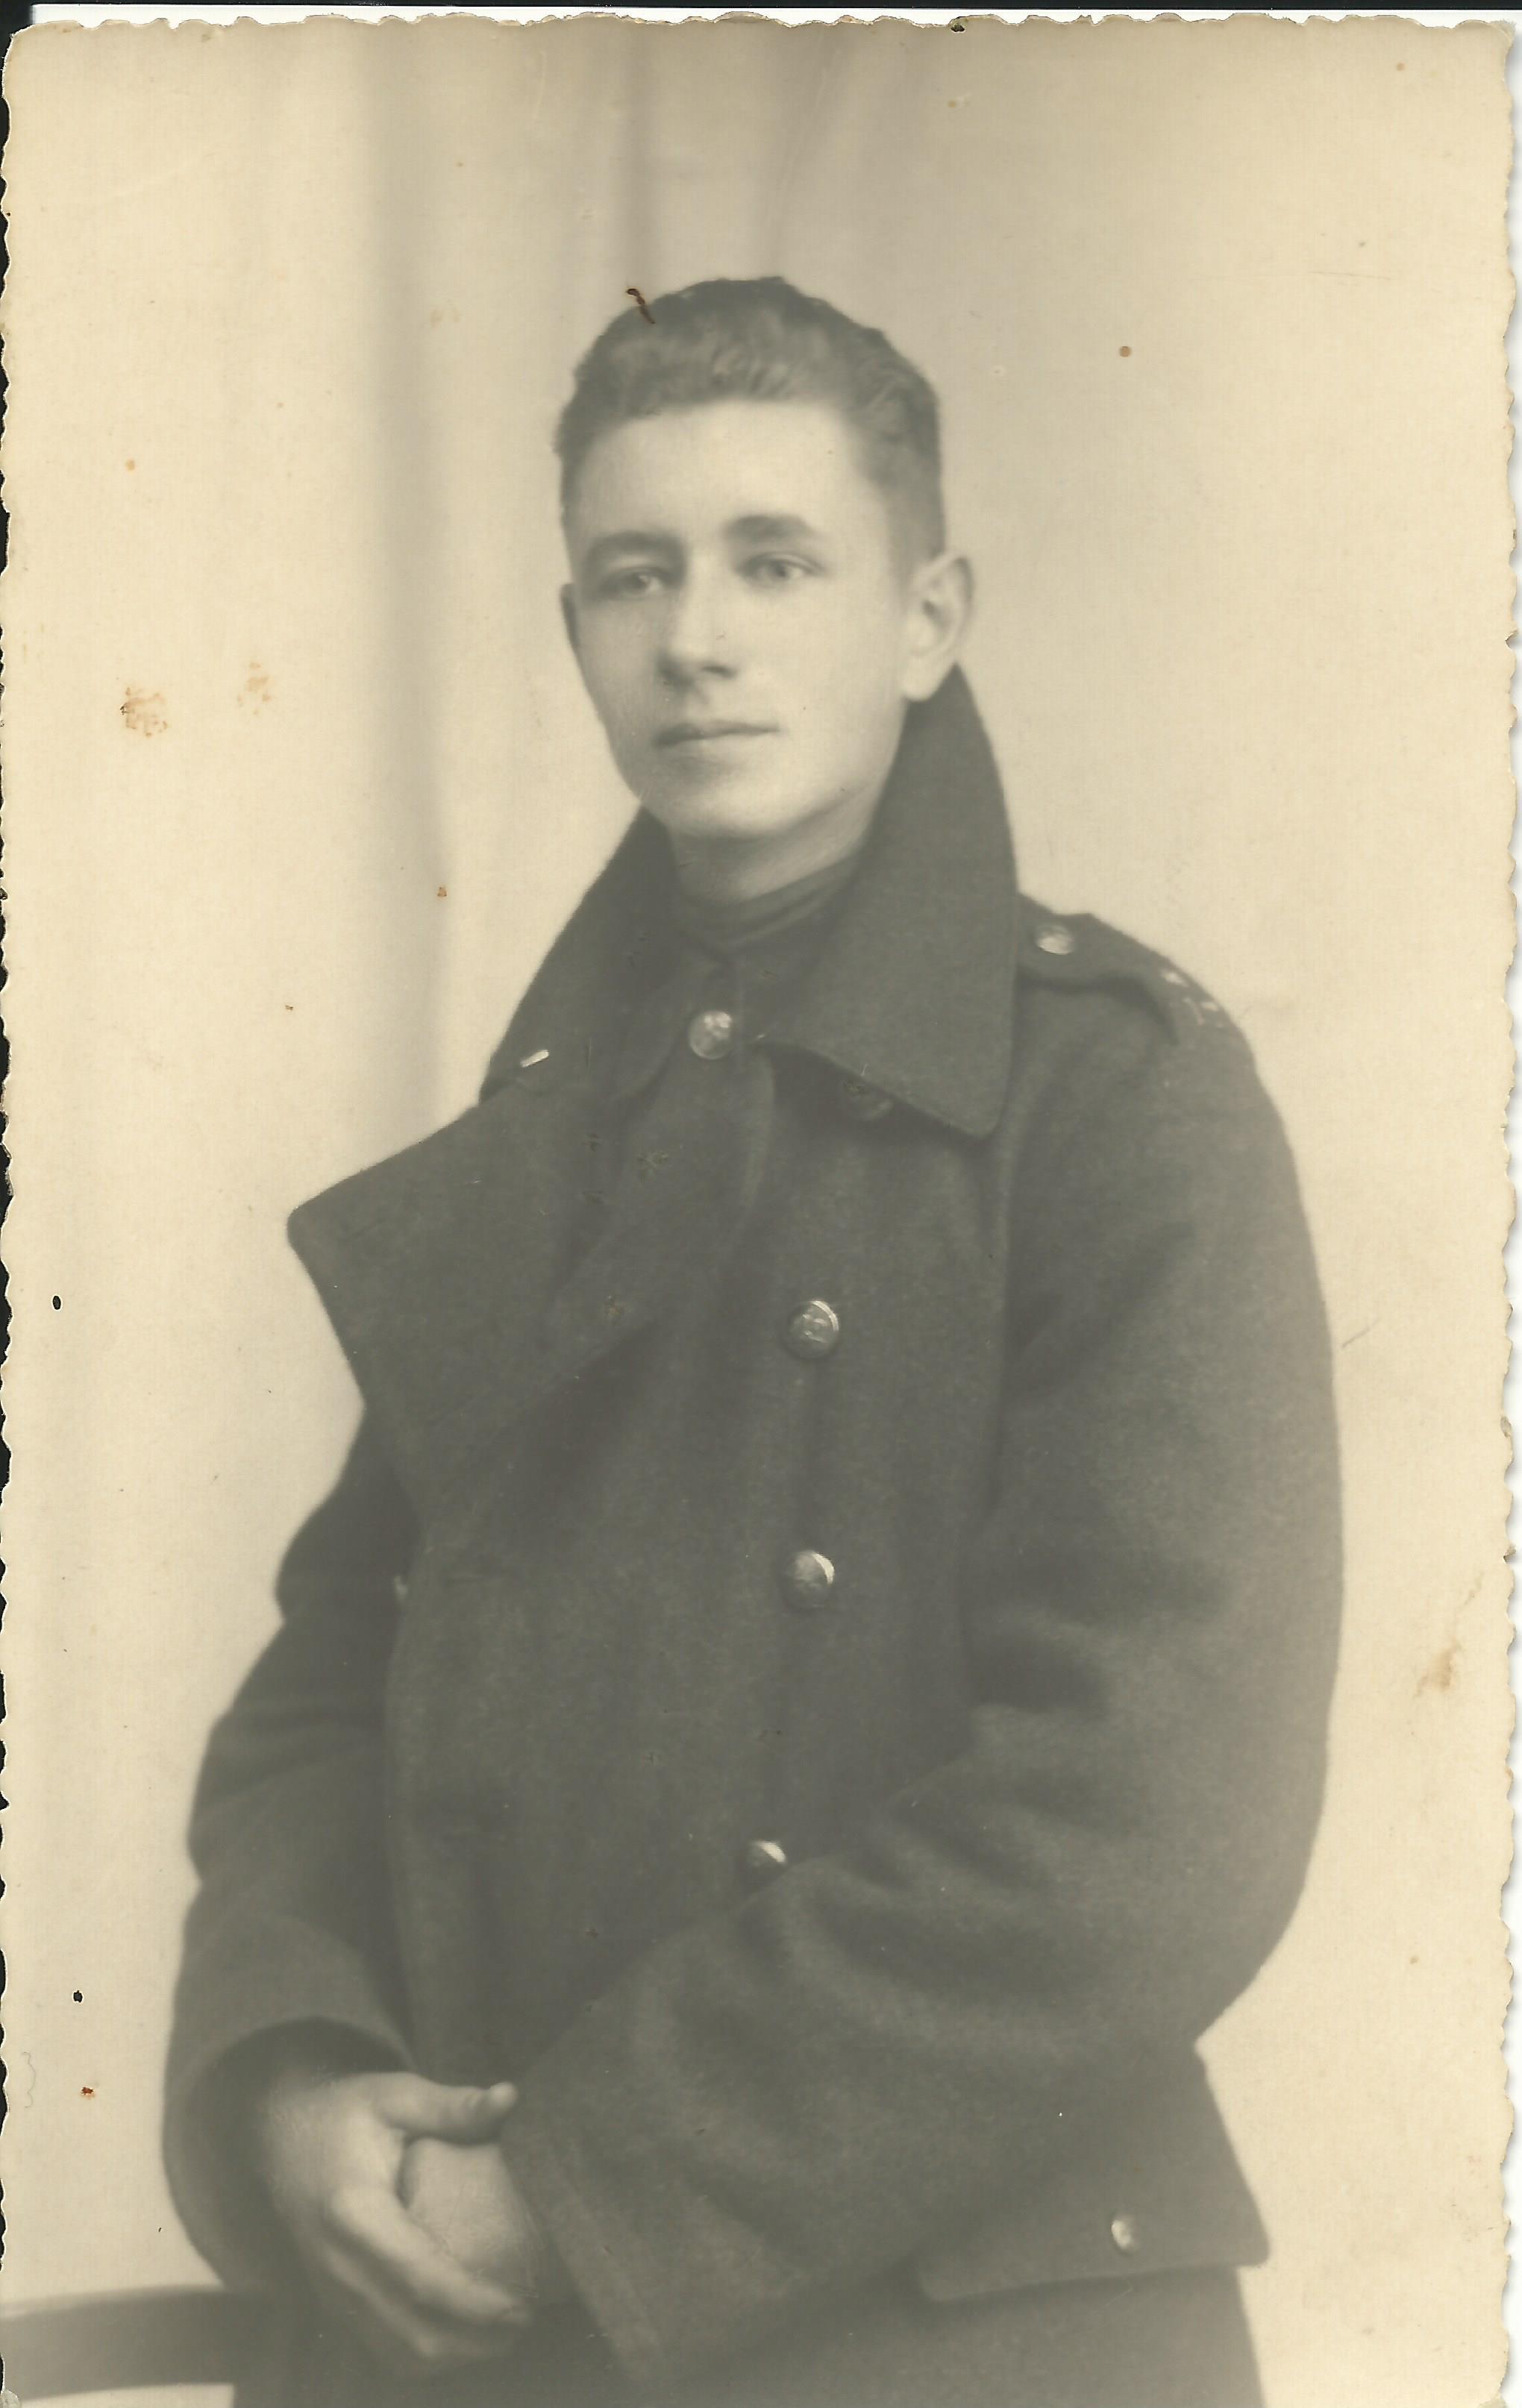 De eerste dag van de Tweede Wereldoorlog in Kanne. Militair Harie Bovens vertelt zijn verhaal.